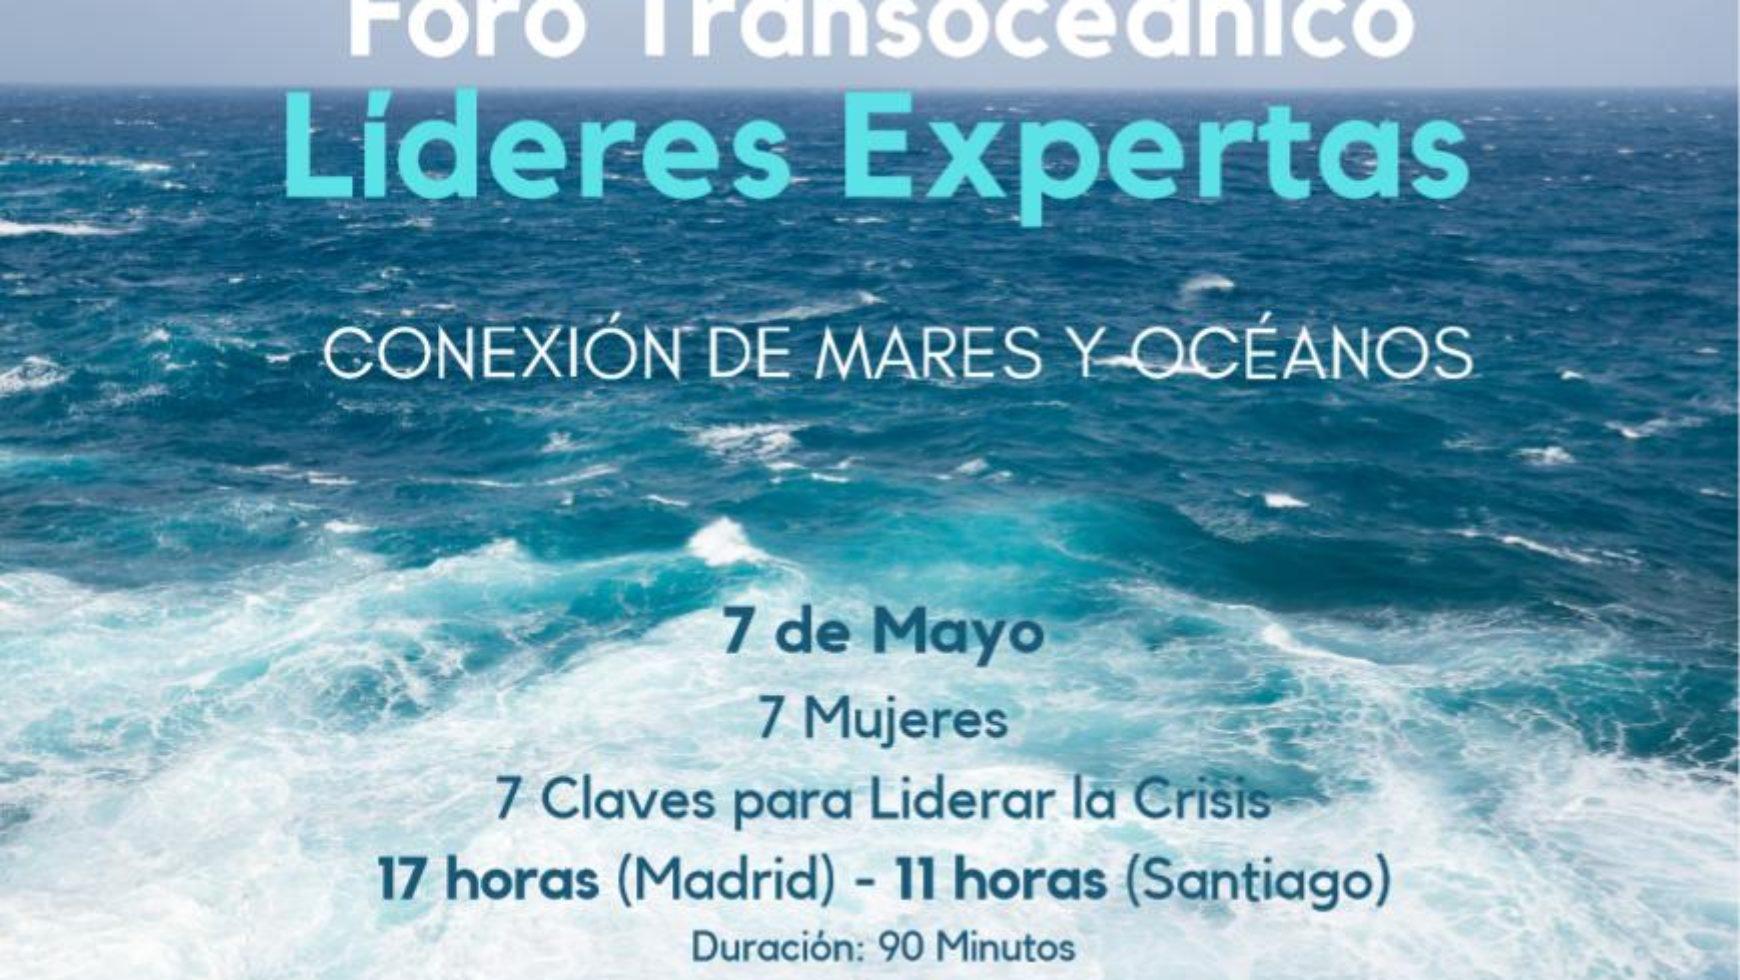 AEPA participa en el Foro Transoceánico